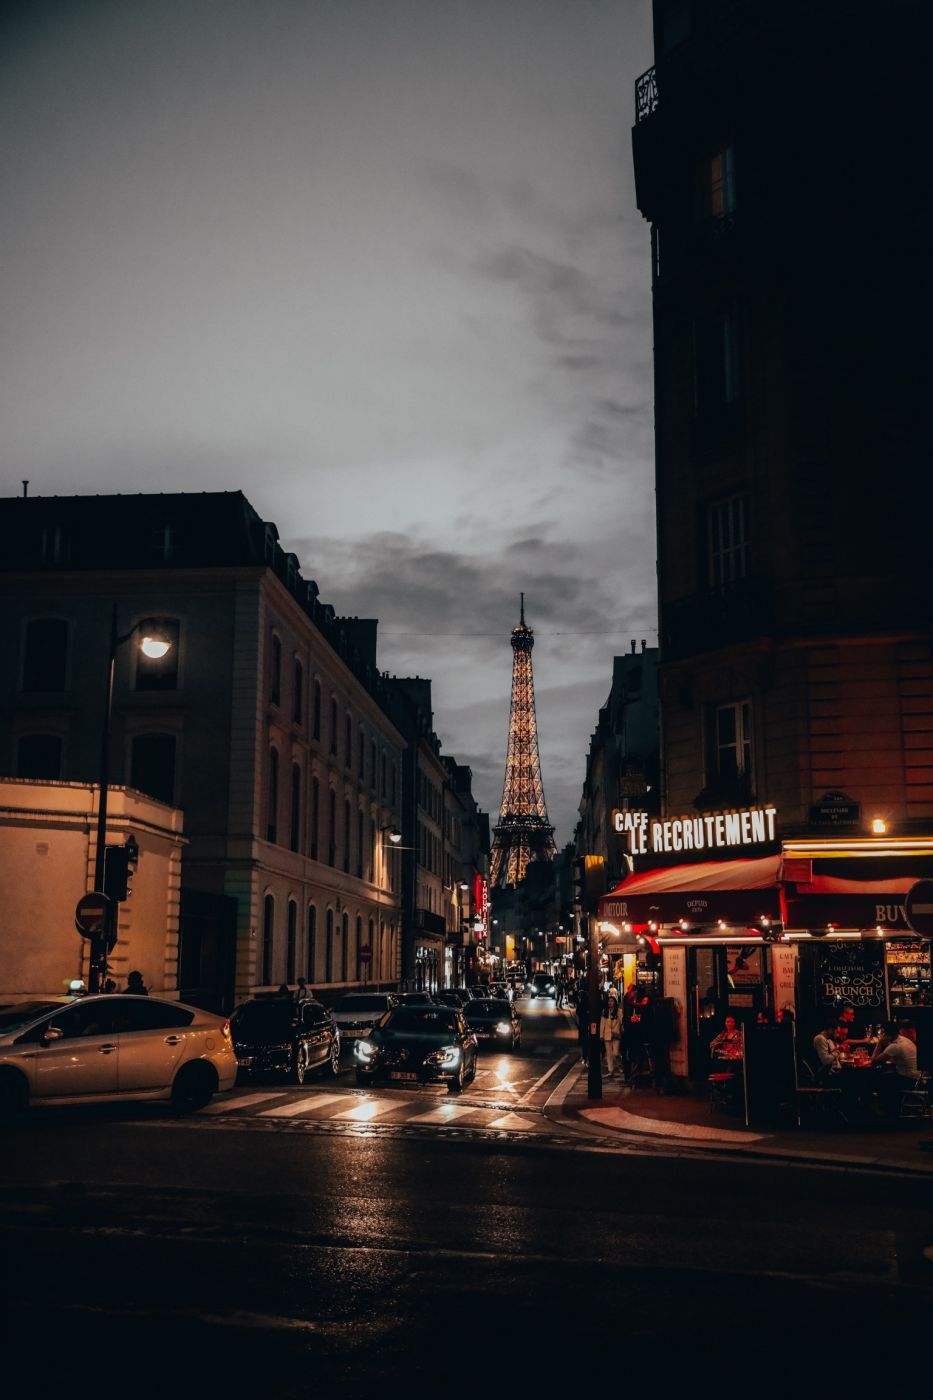 Le Recrutement Café, France